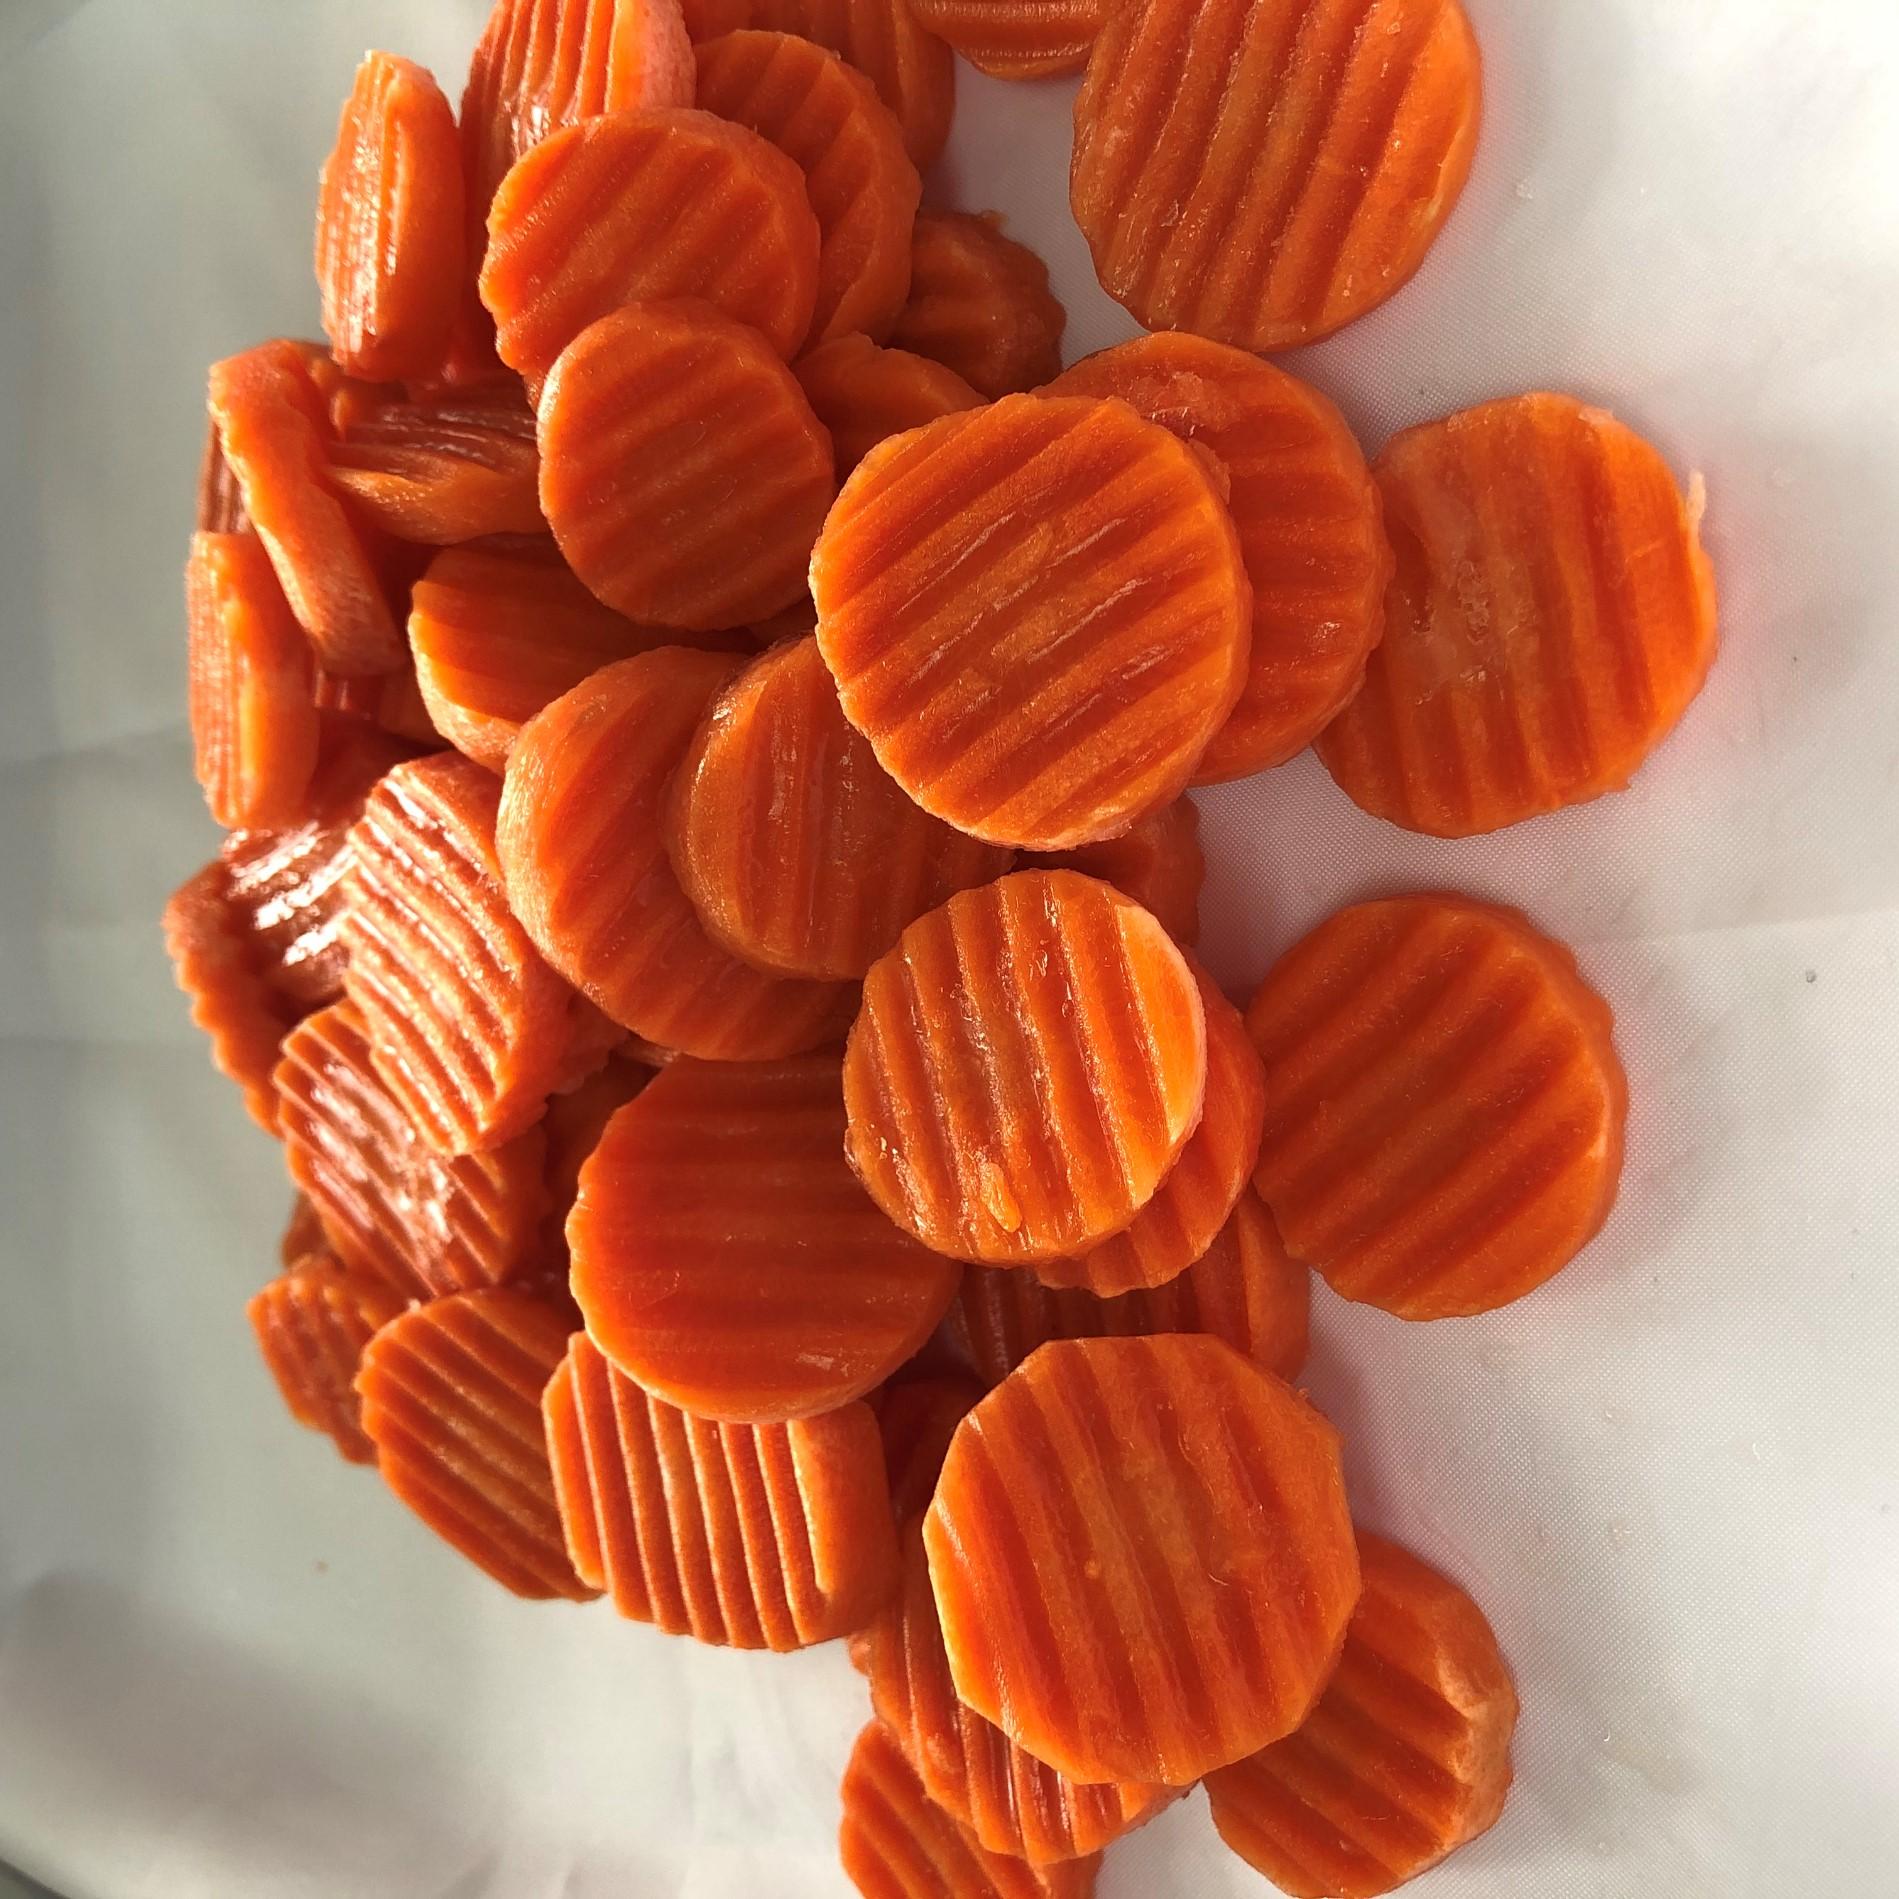 Frozen Carrot Manufacturers, Frozen Carrot Factory, Supply Frozen Carrot